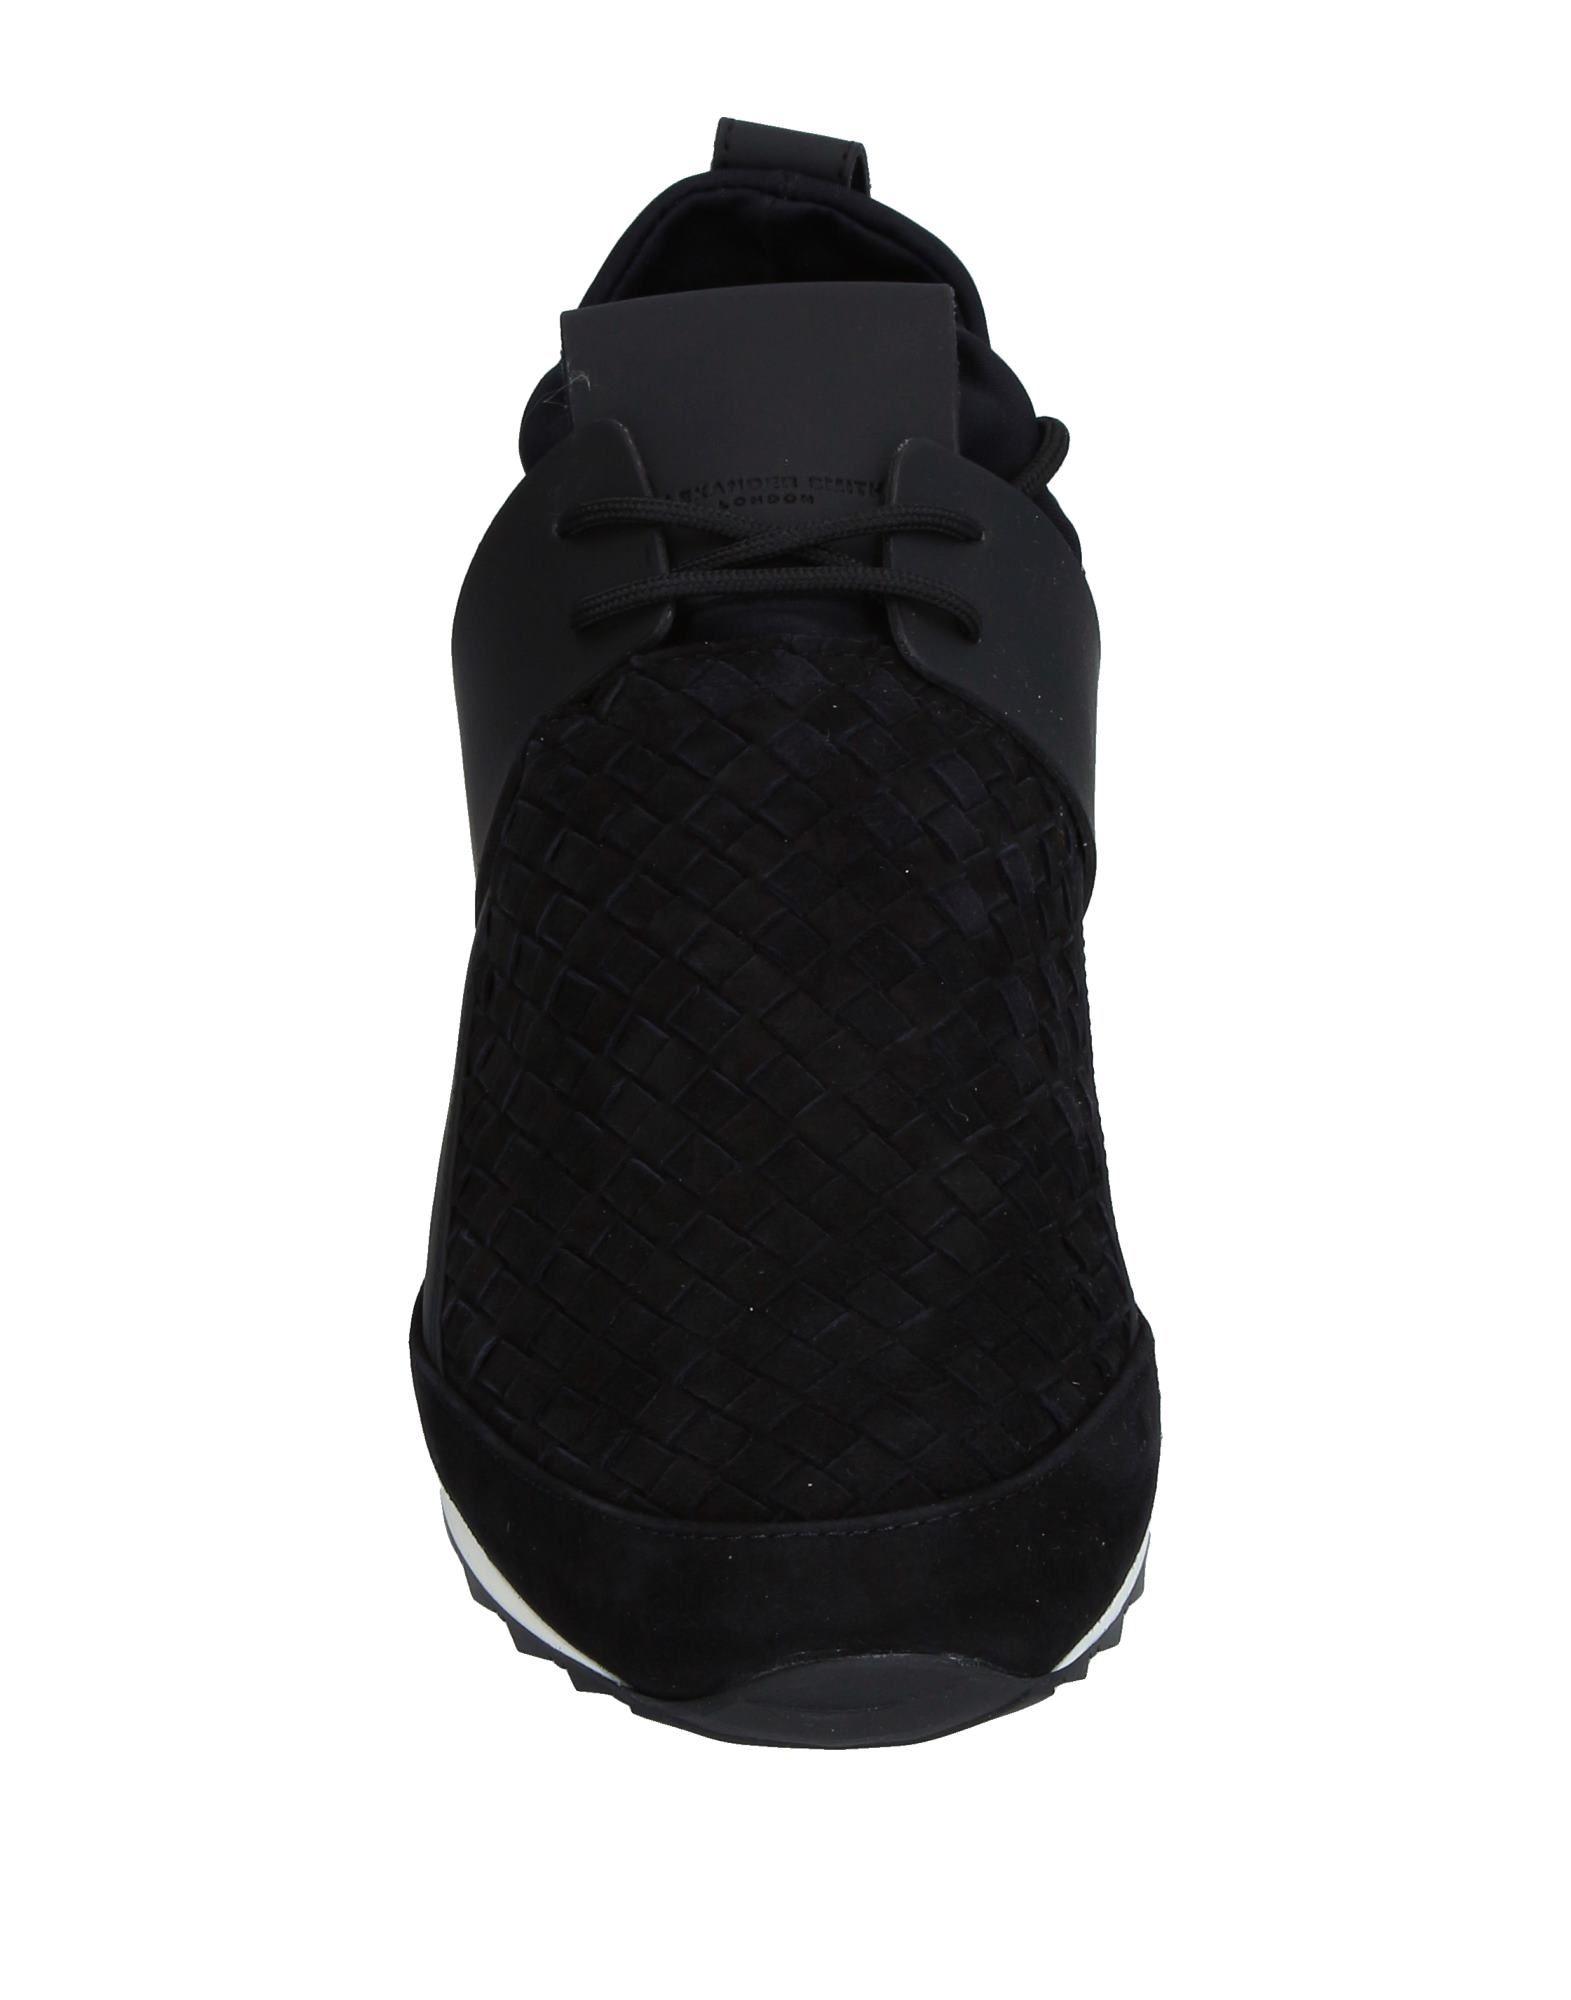 Rabatt echte Schuhe Alexander Smith Sneakers Herren  11234047GR